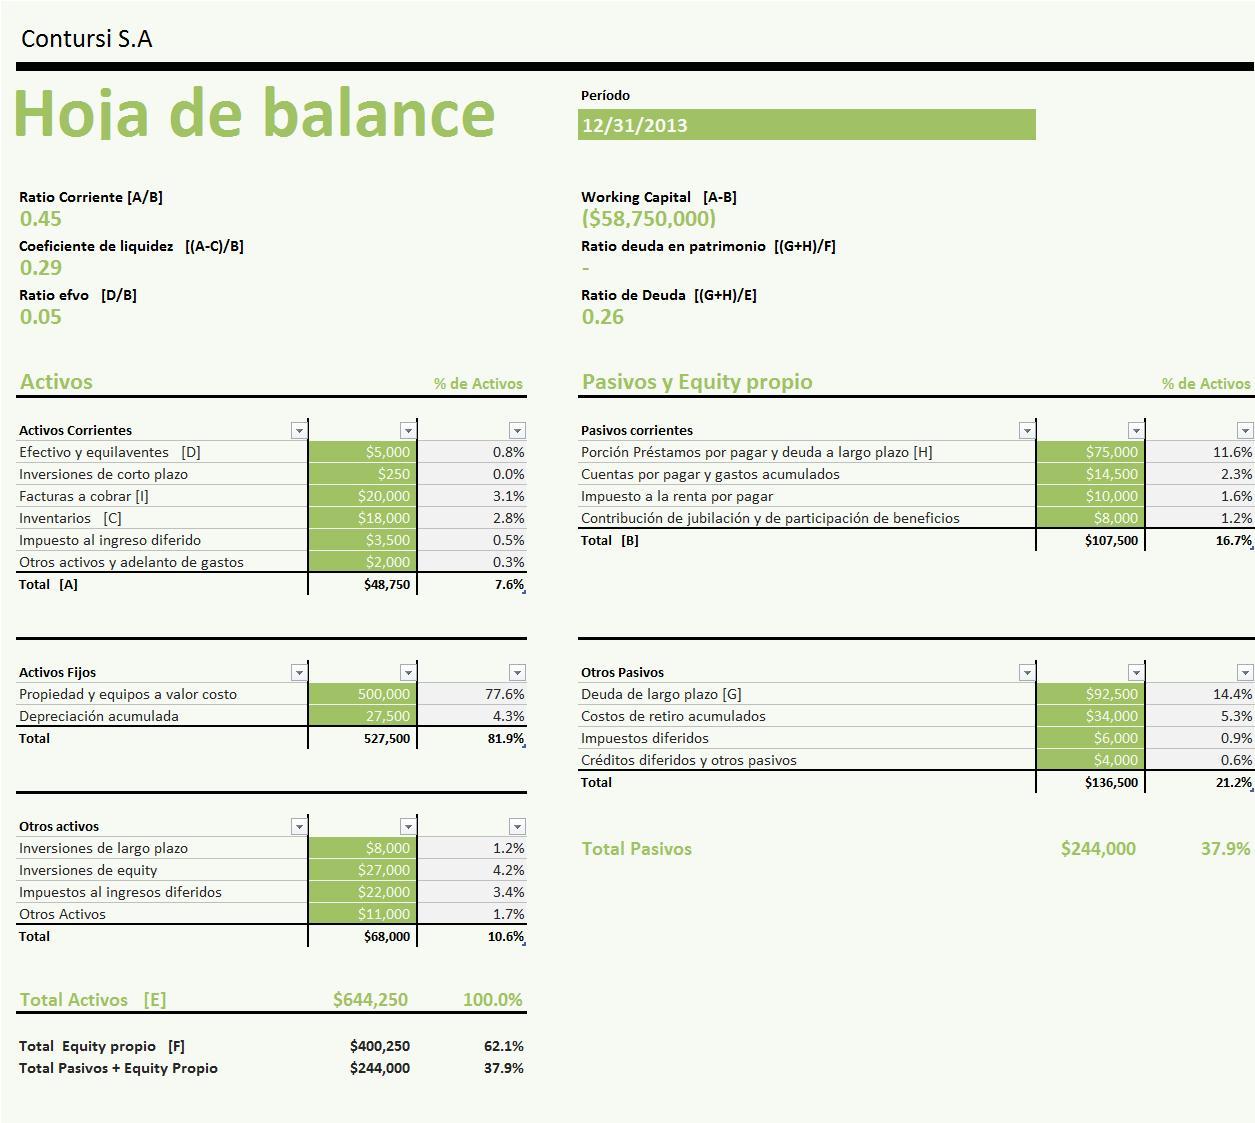 Plantillas de Excel de Contabilidad - PlanillaExcel.com